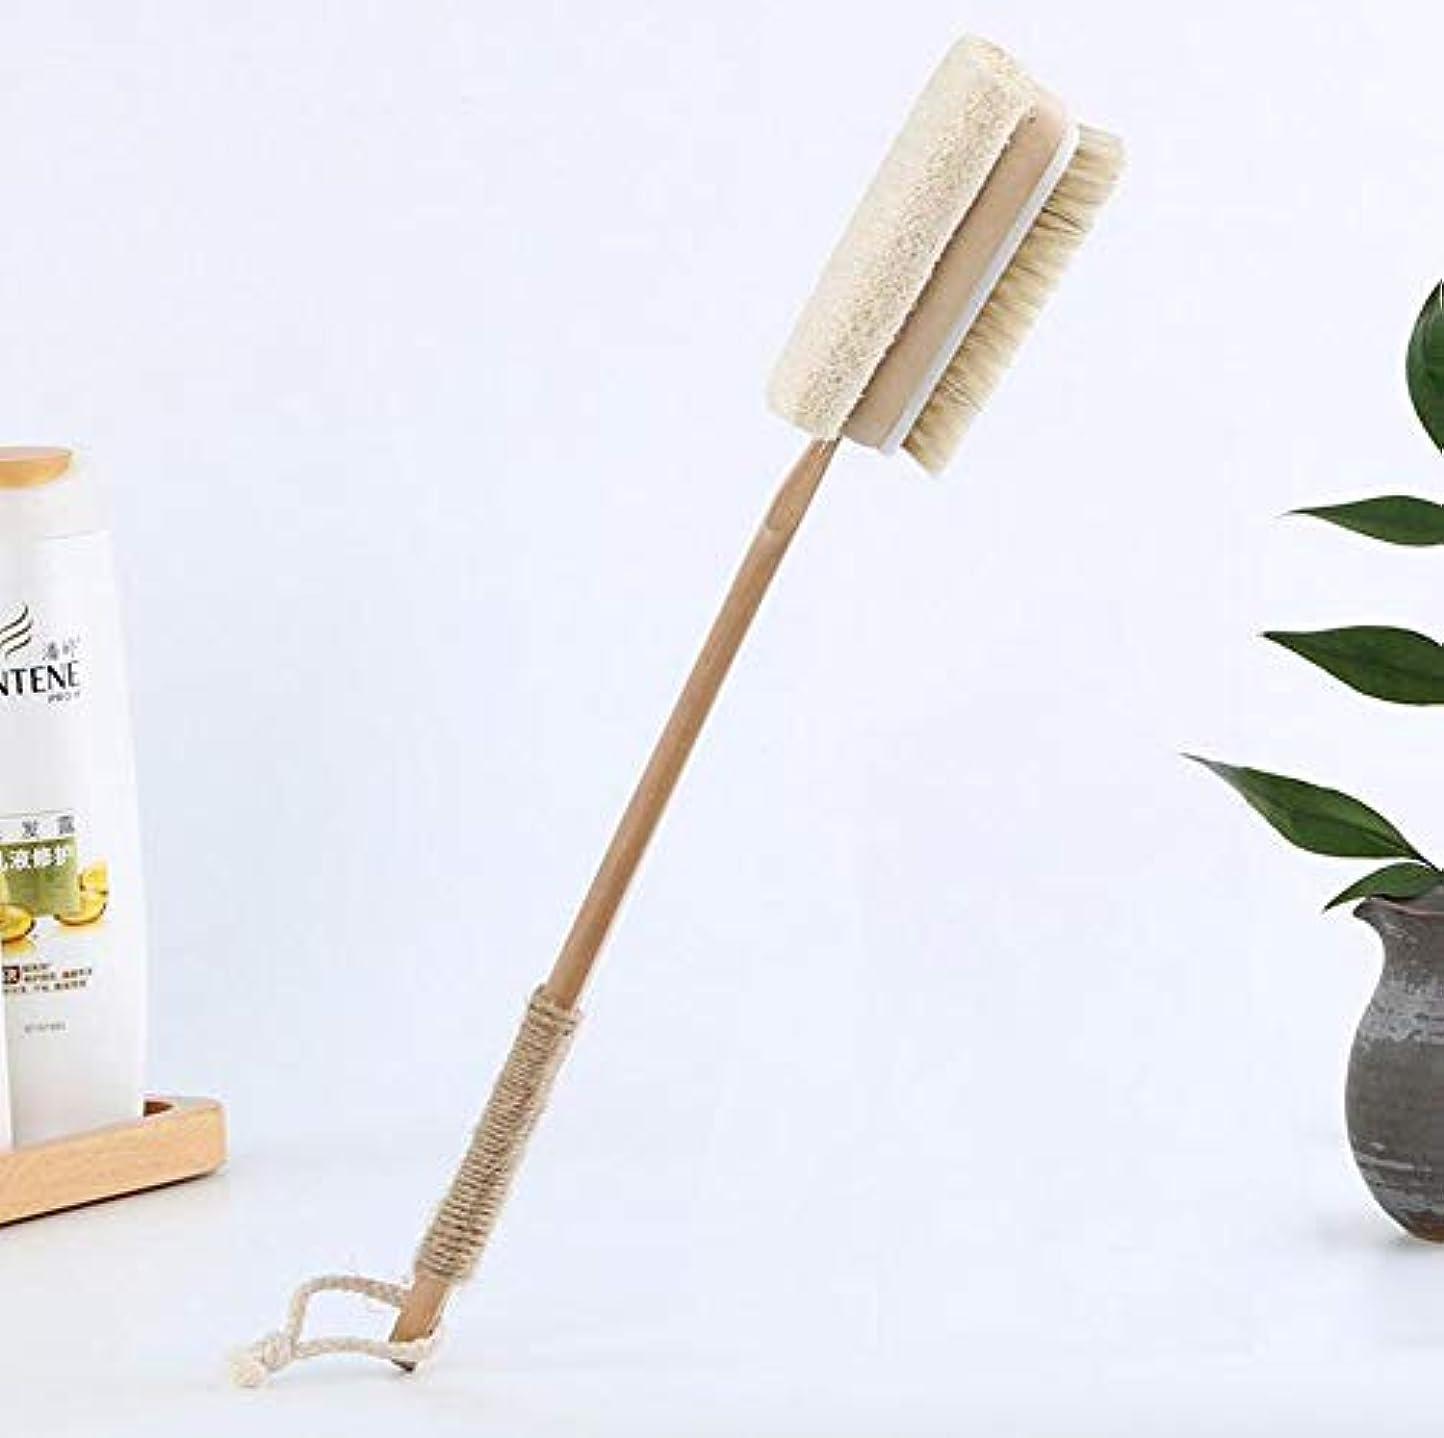 光のミュウミュウ宝石バスブラシ、長い木製ハンドルドライブラシボディブラシバスブラシ長いハンドル、皮膚やセルライトを剥離するため、ウェットまたはドライ使用